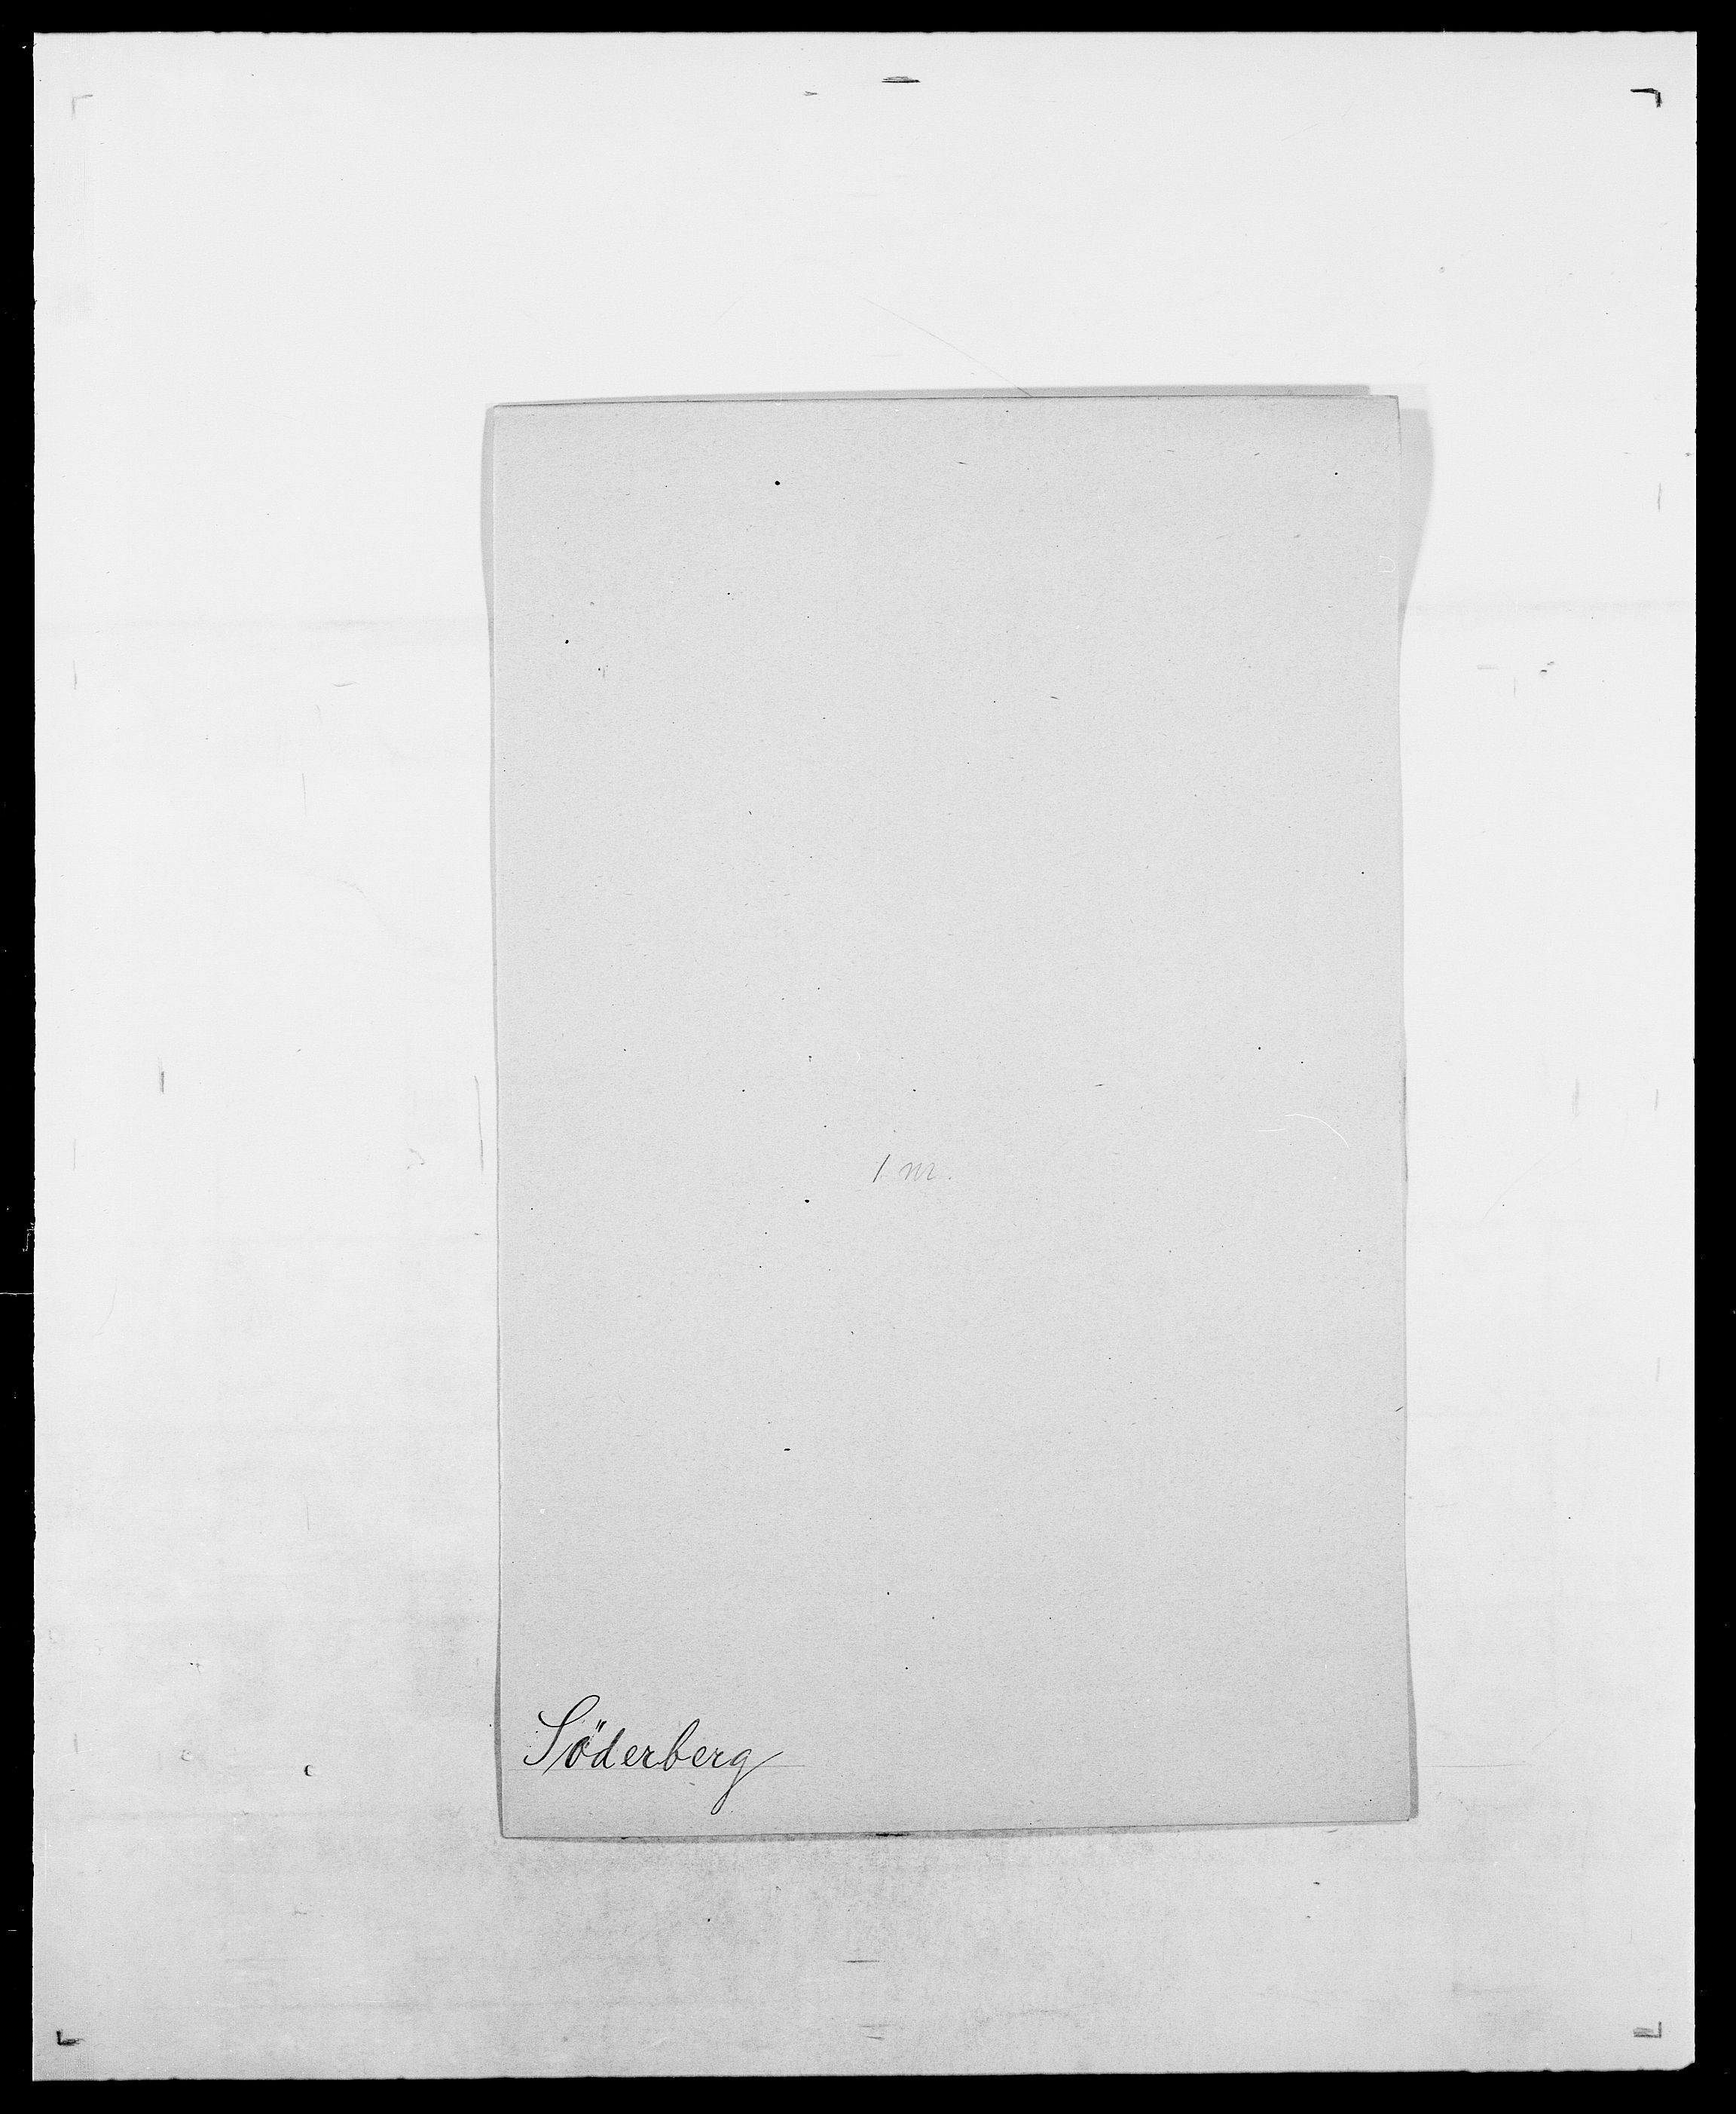 SAO, Delgobe, Charles Antoine - samling, D/Da/L0038: Svanenskjold - Thornsohn, s. 143